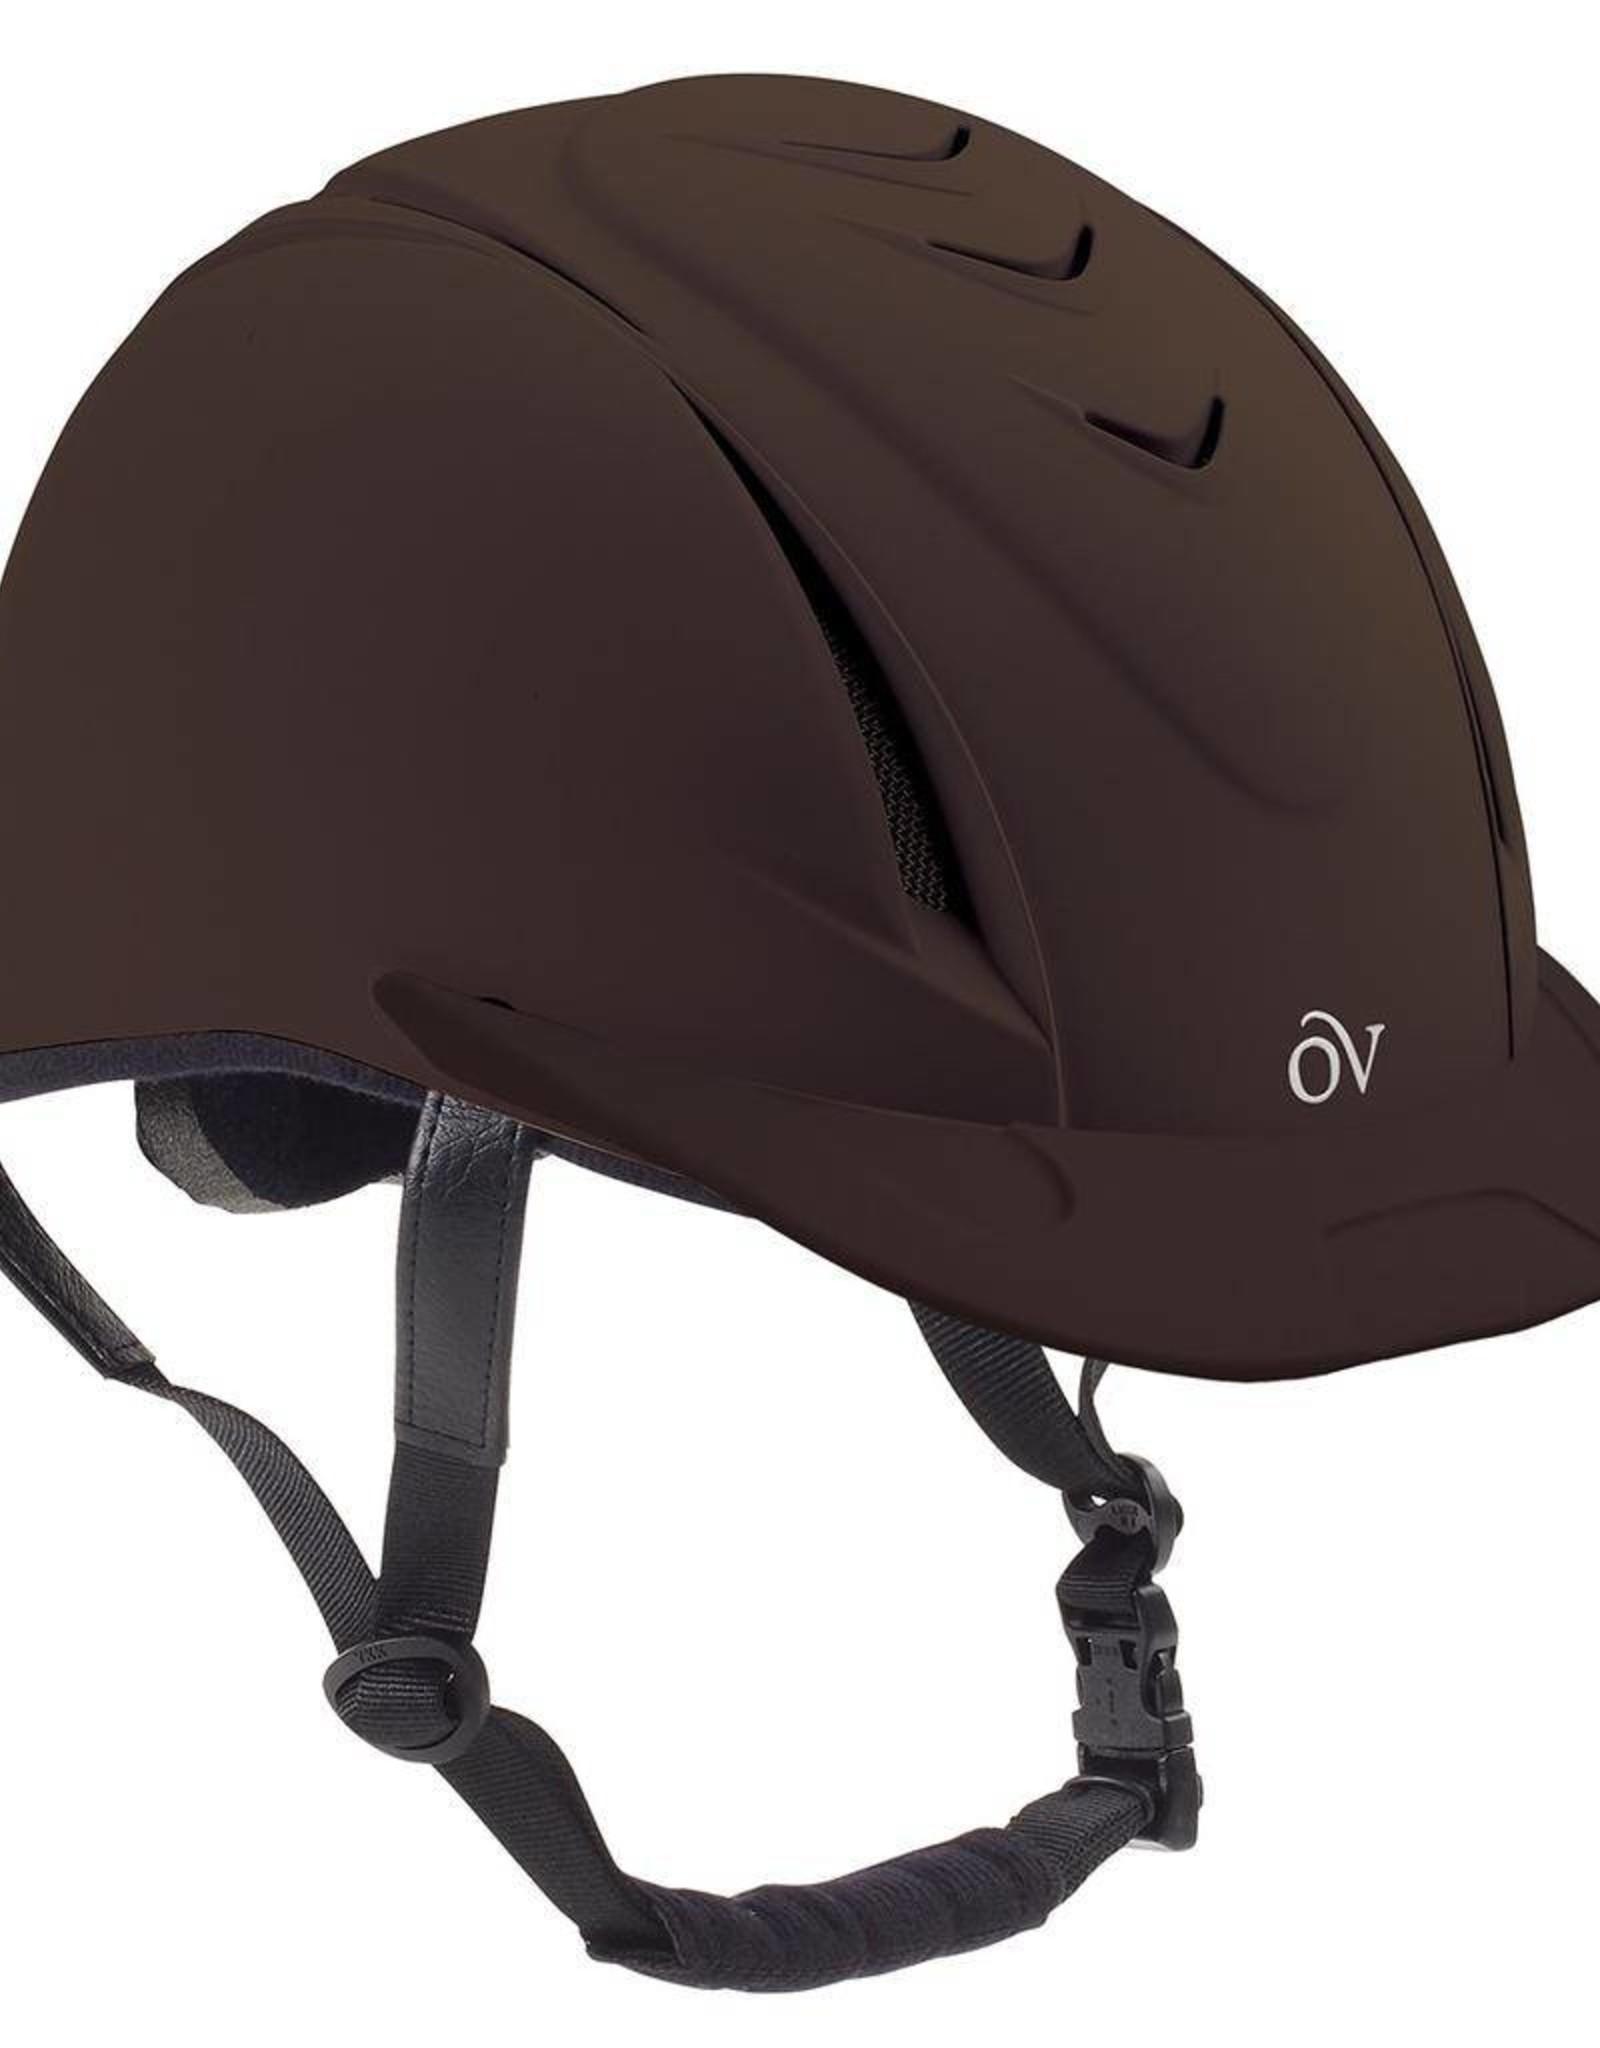 Ovation Delux Schooler Helmet